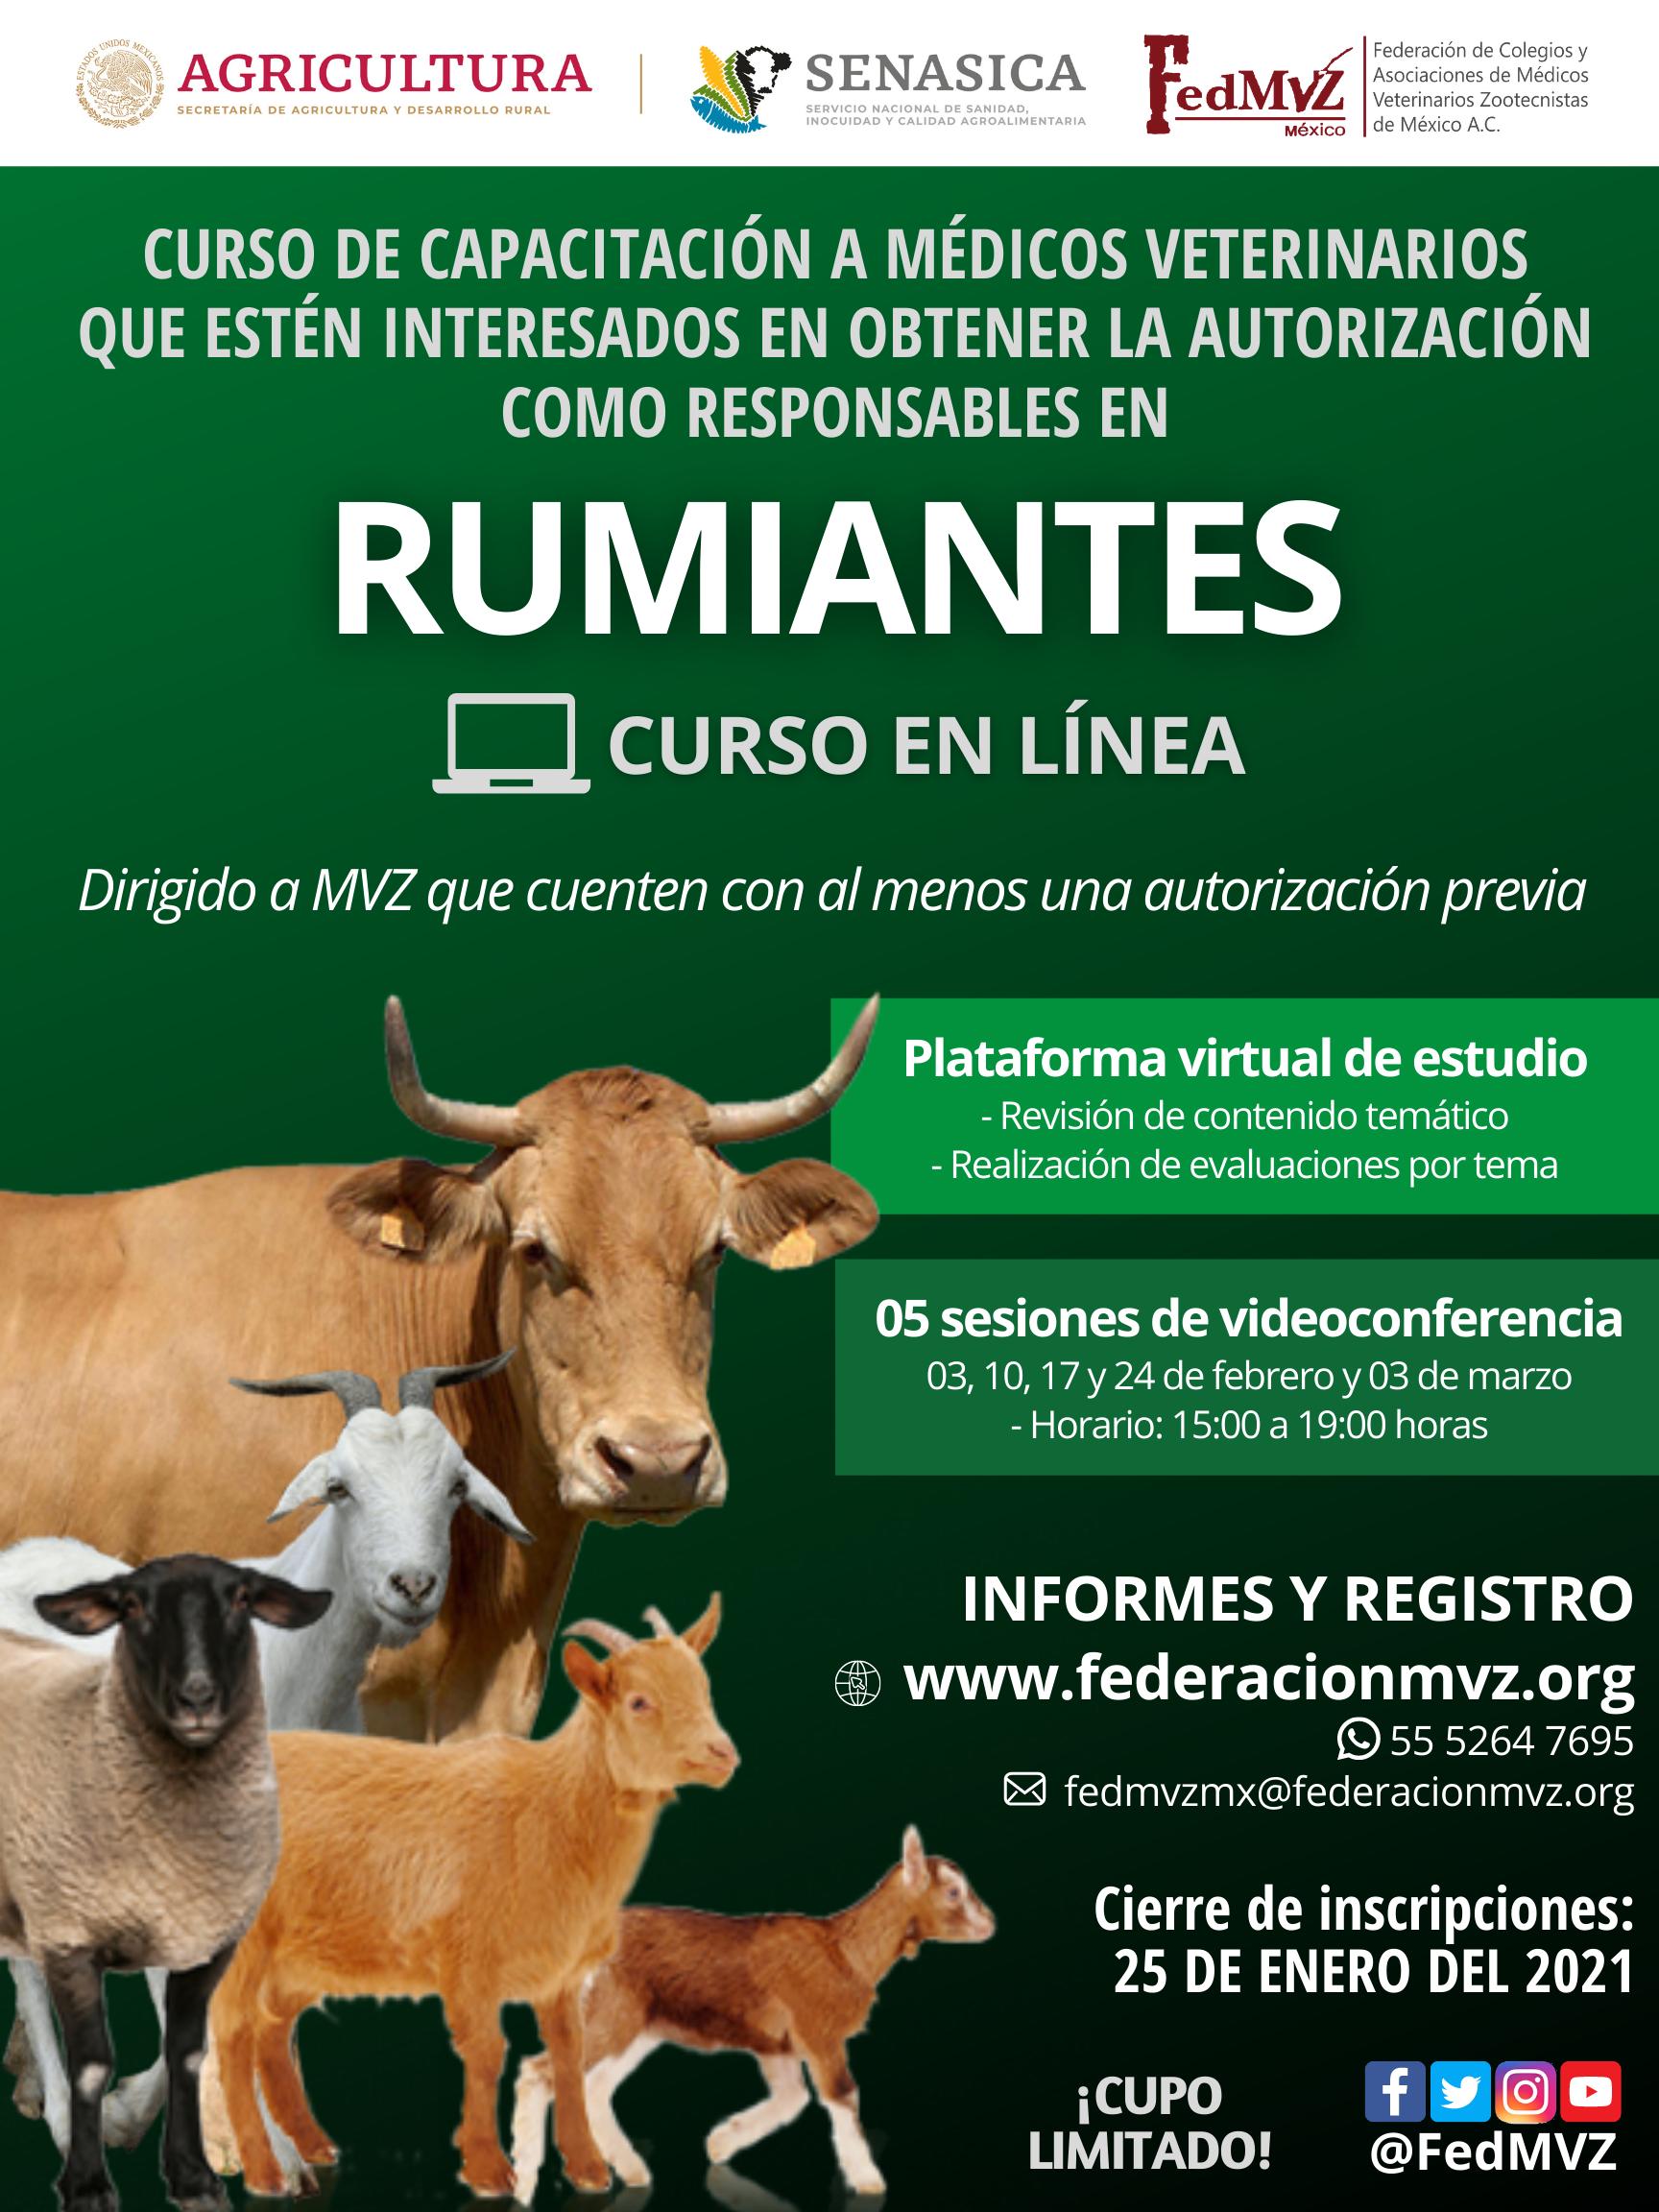 CURSO RUMIANTES EN LÍNEA FEBRERO 2021